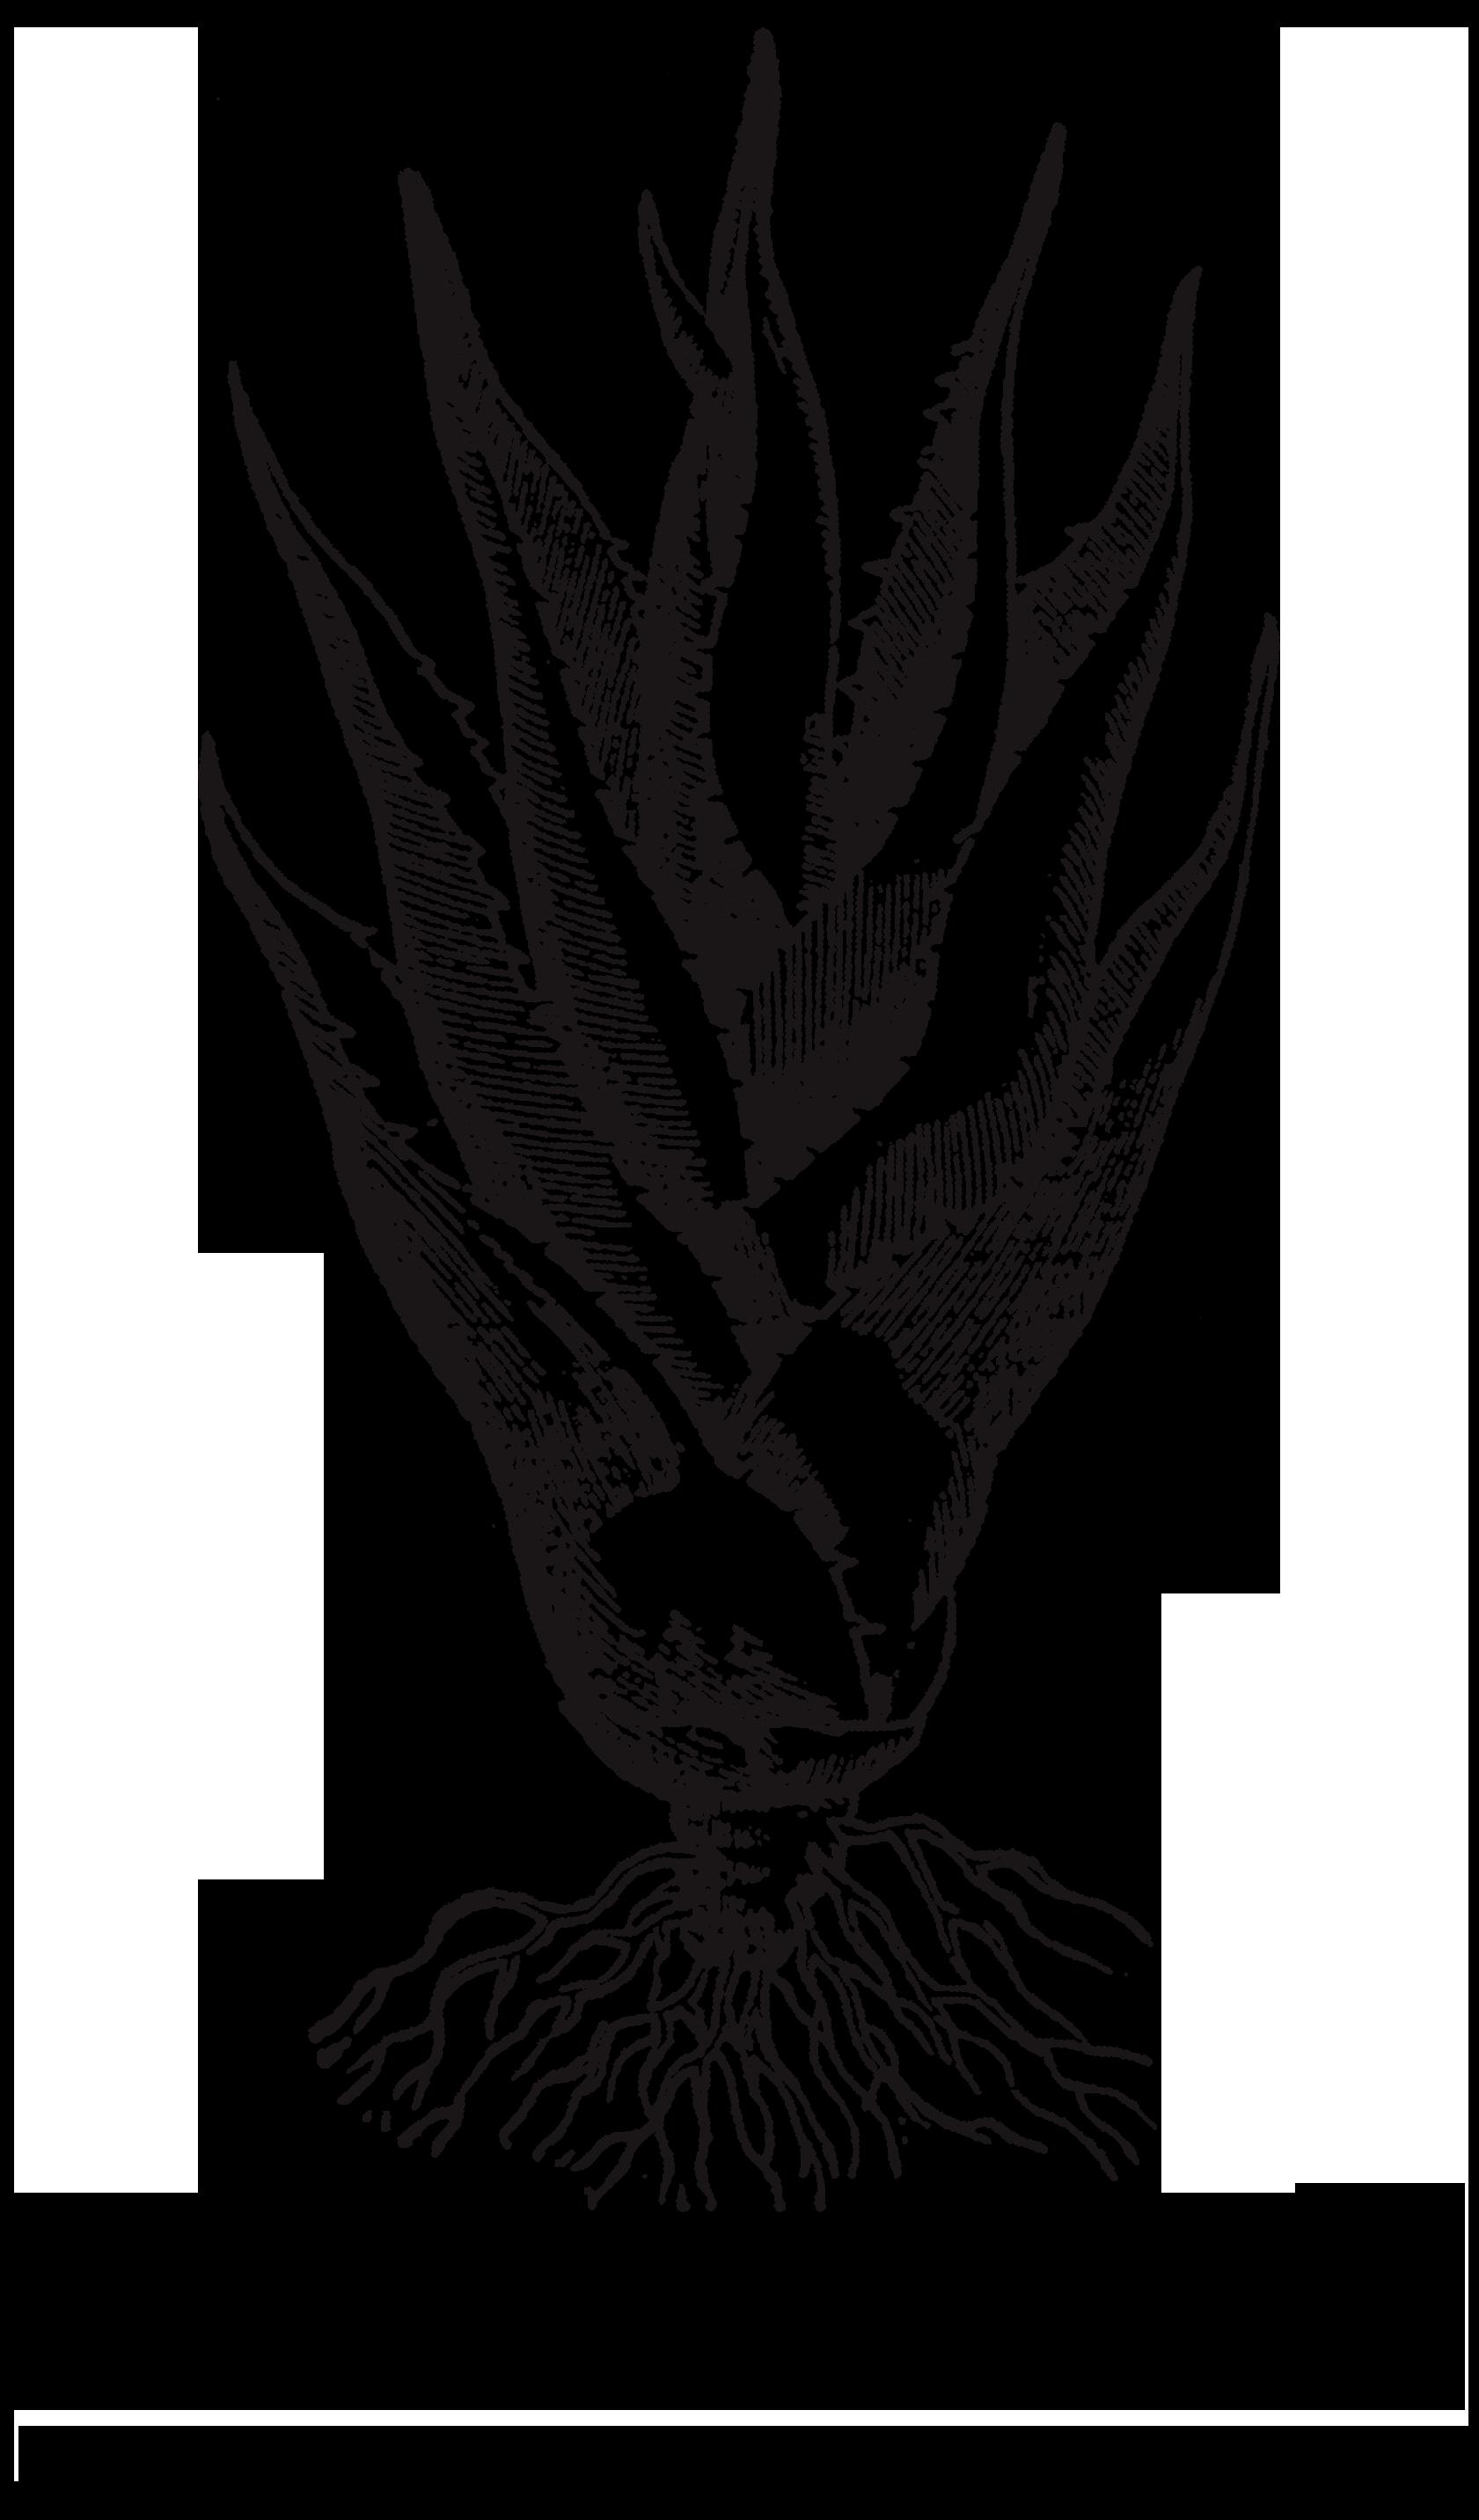 sacred_logo_tall.png